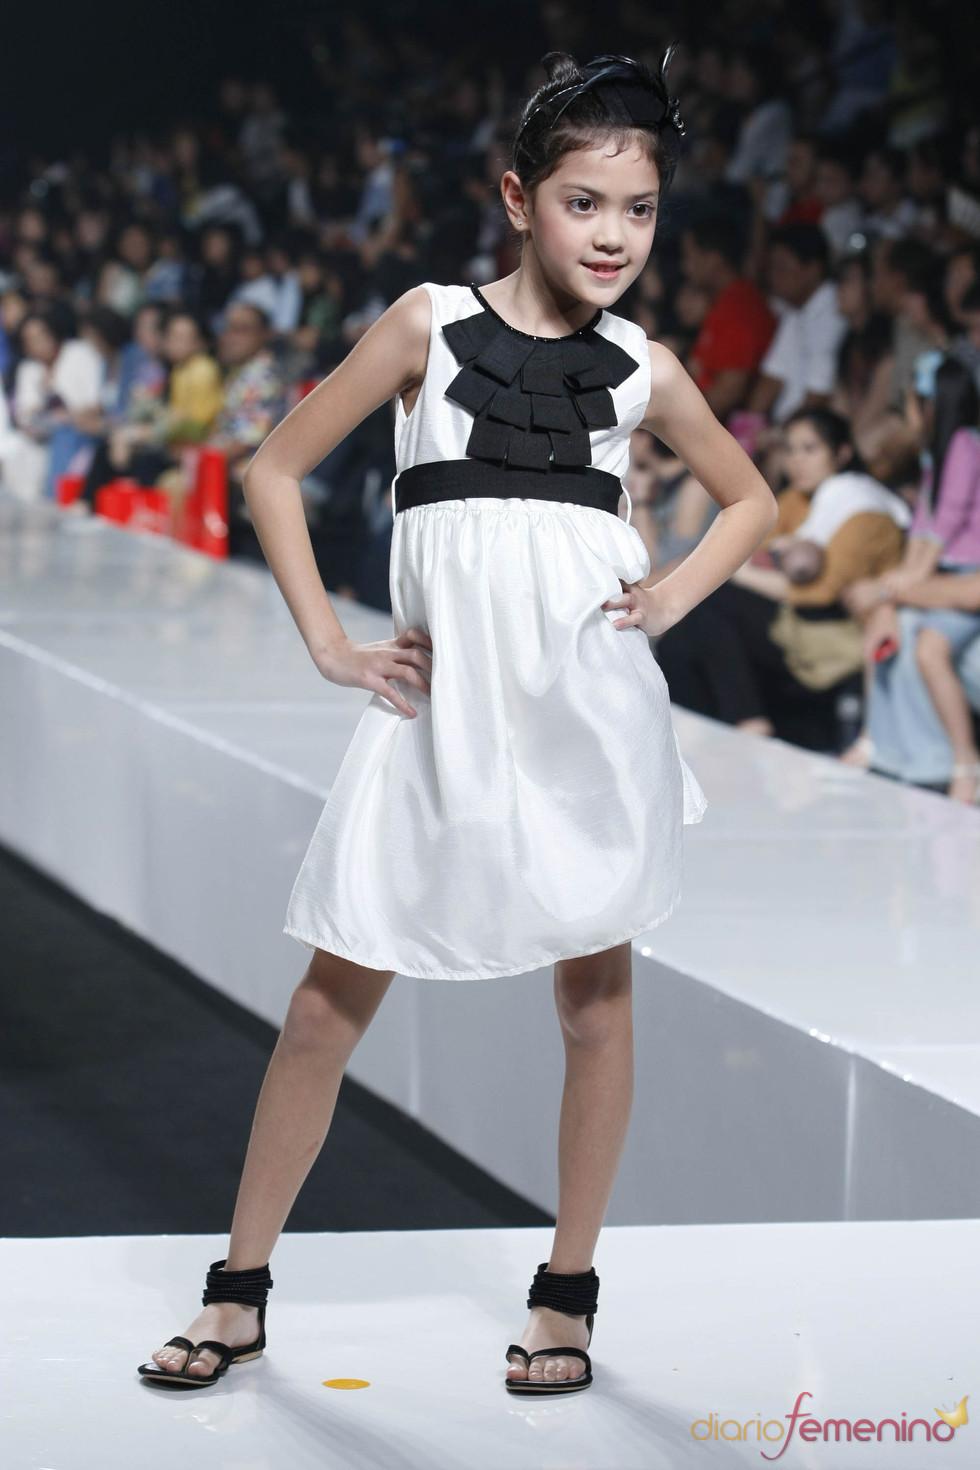 Moda para los más pequeños en la Jarkata Fashion Week 2010